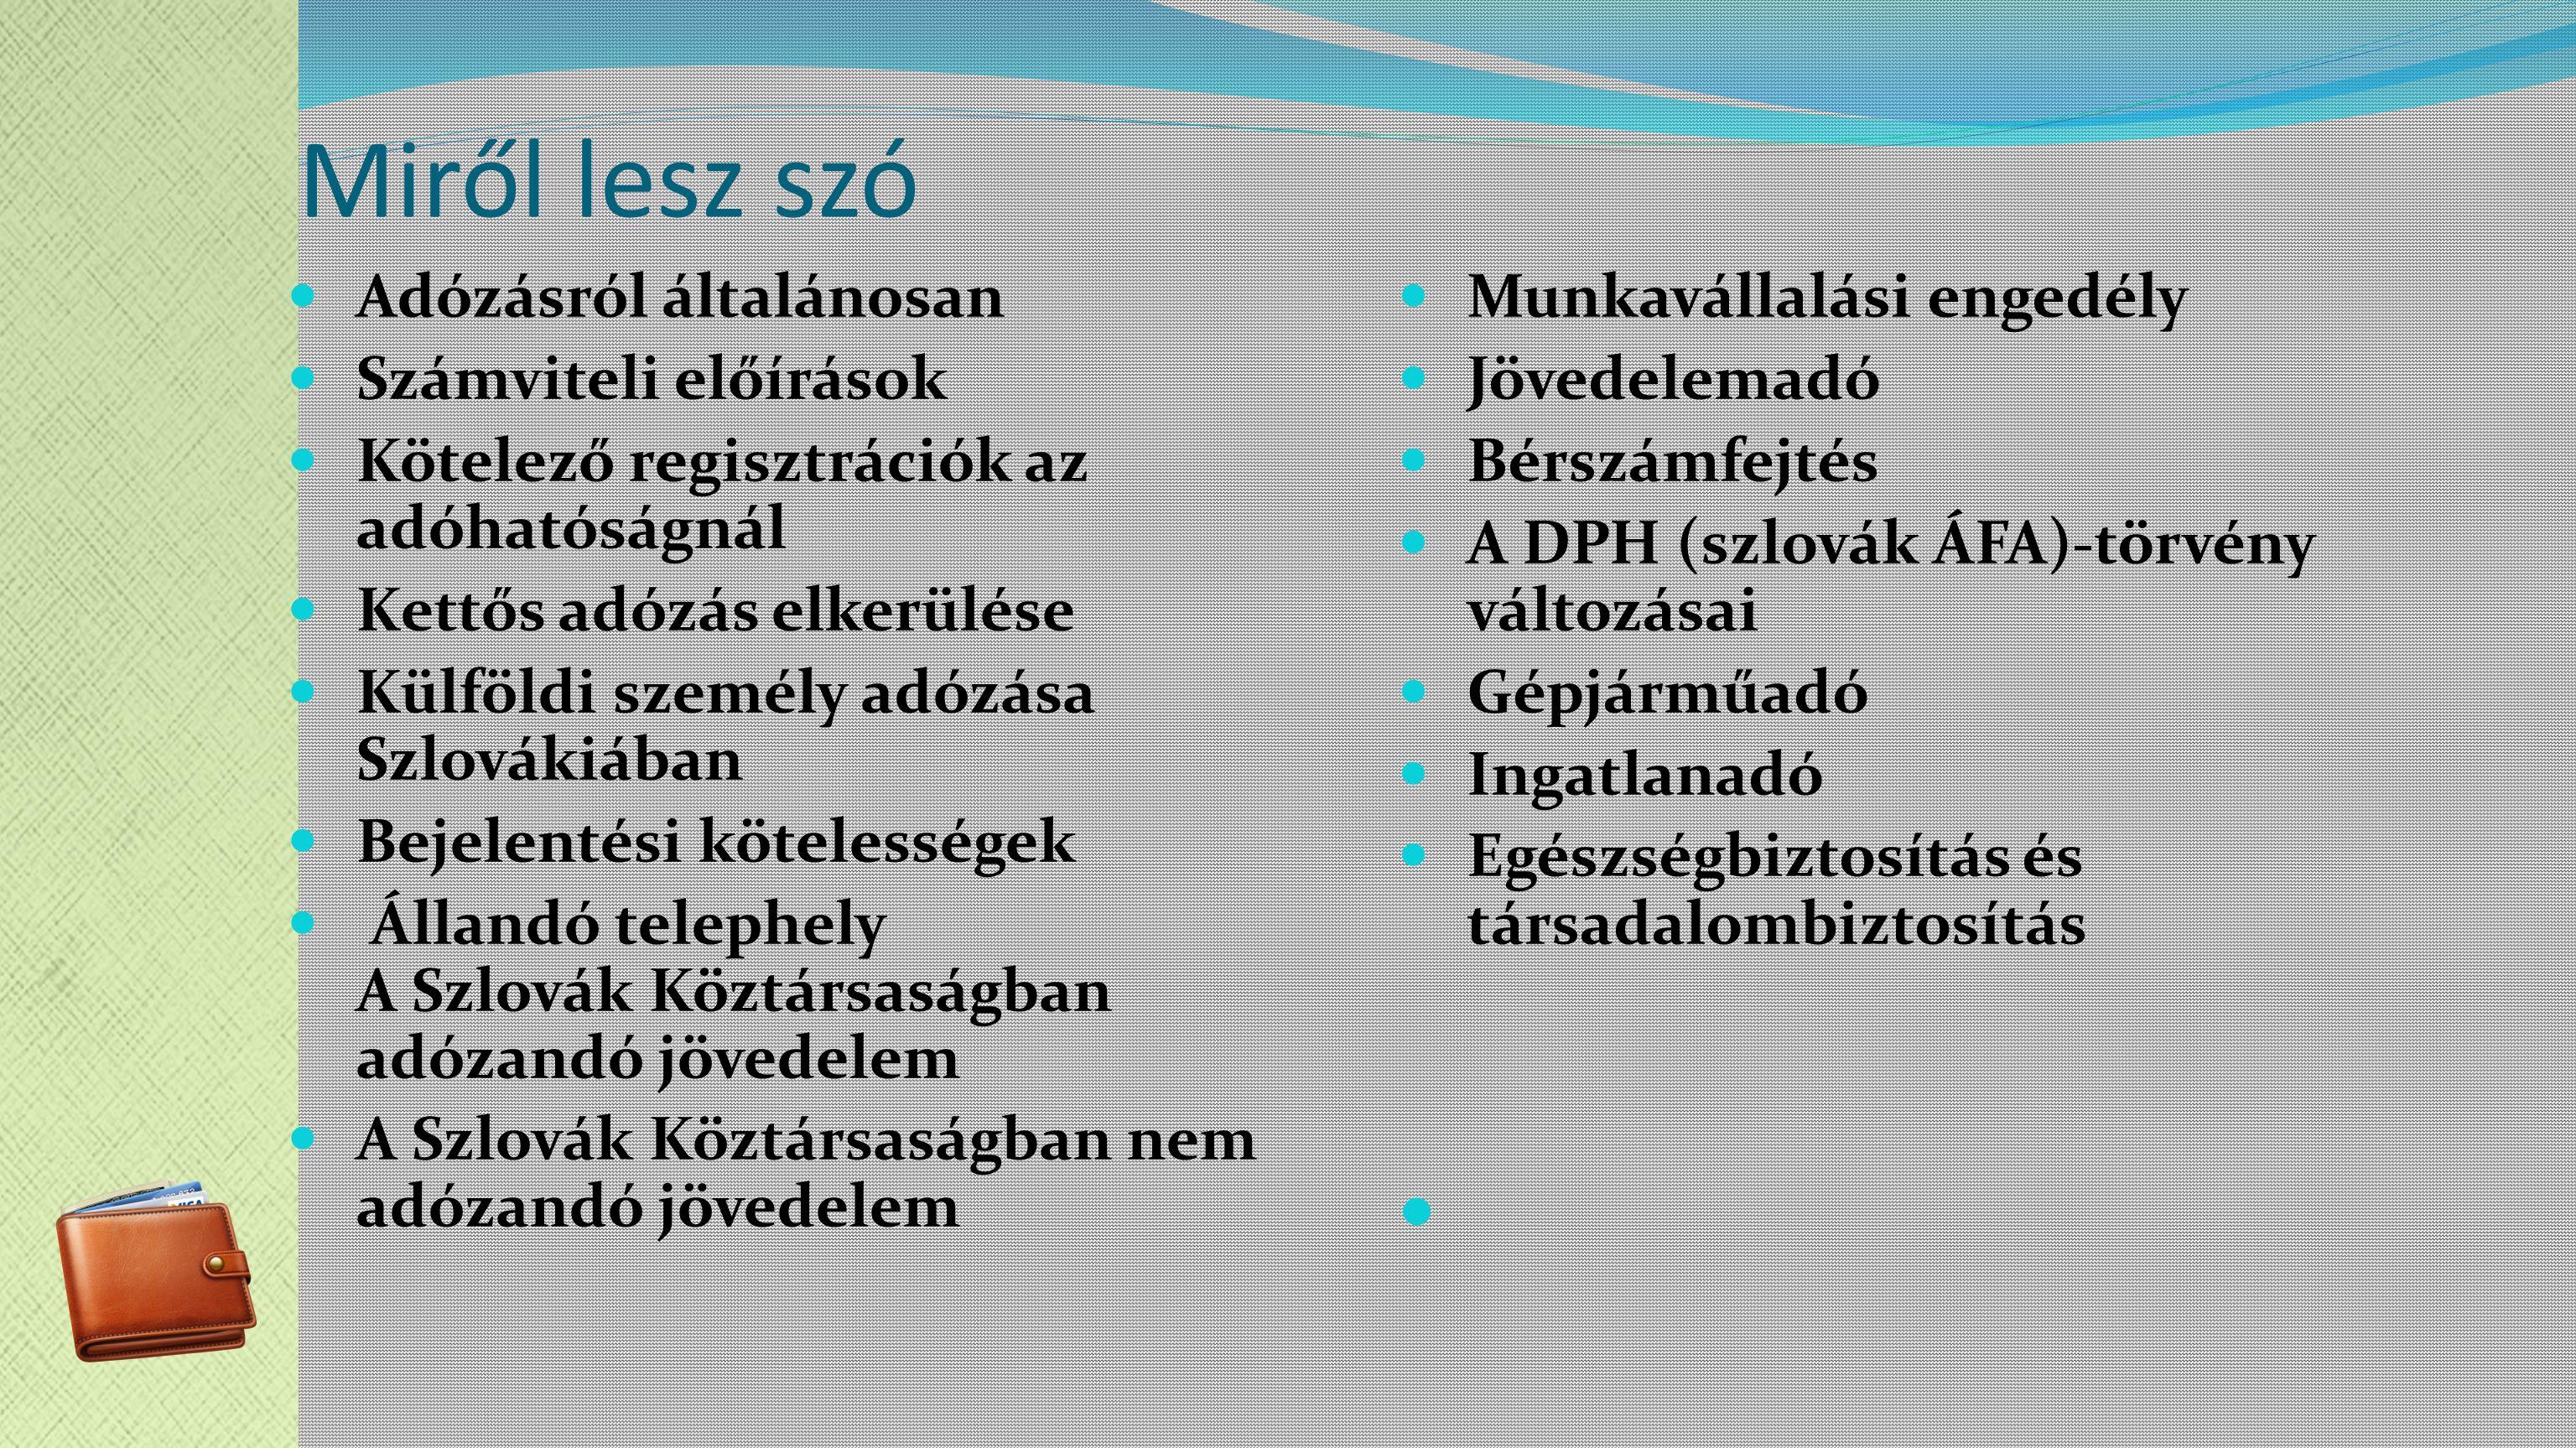 Miről lesz szó Adózásról általánosan Számviteli előírások Kötelező regisztrációk az adóhatóságnál Kettős adózás elkerülése Külföldi személy adózása Szlovákiában Bejelentési kötelességek Állandó telephely A Szlovák Köztársaságban adózandó jövedelem A Szlovák Köztársaságban nem adózandó jövedelem Munkavállalási engedély Jövedelemadó Bérszámfejtés A DPH (szlovák ÁFA)-törvény változásai Gépjárműadó Ingatlanadó Egészségbiztosítás és társadalombiztosítás